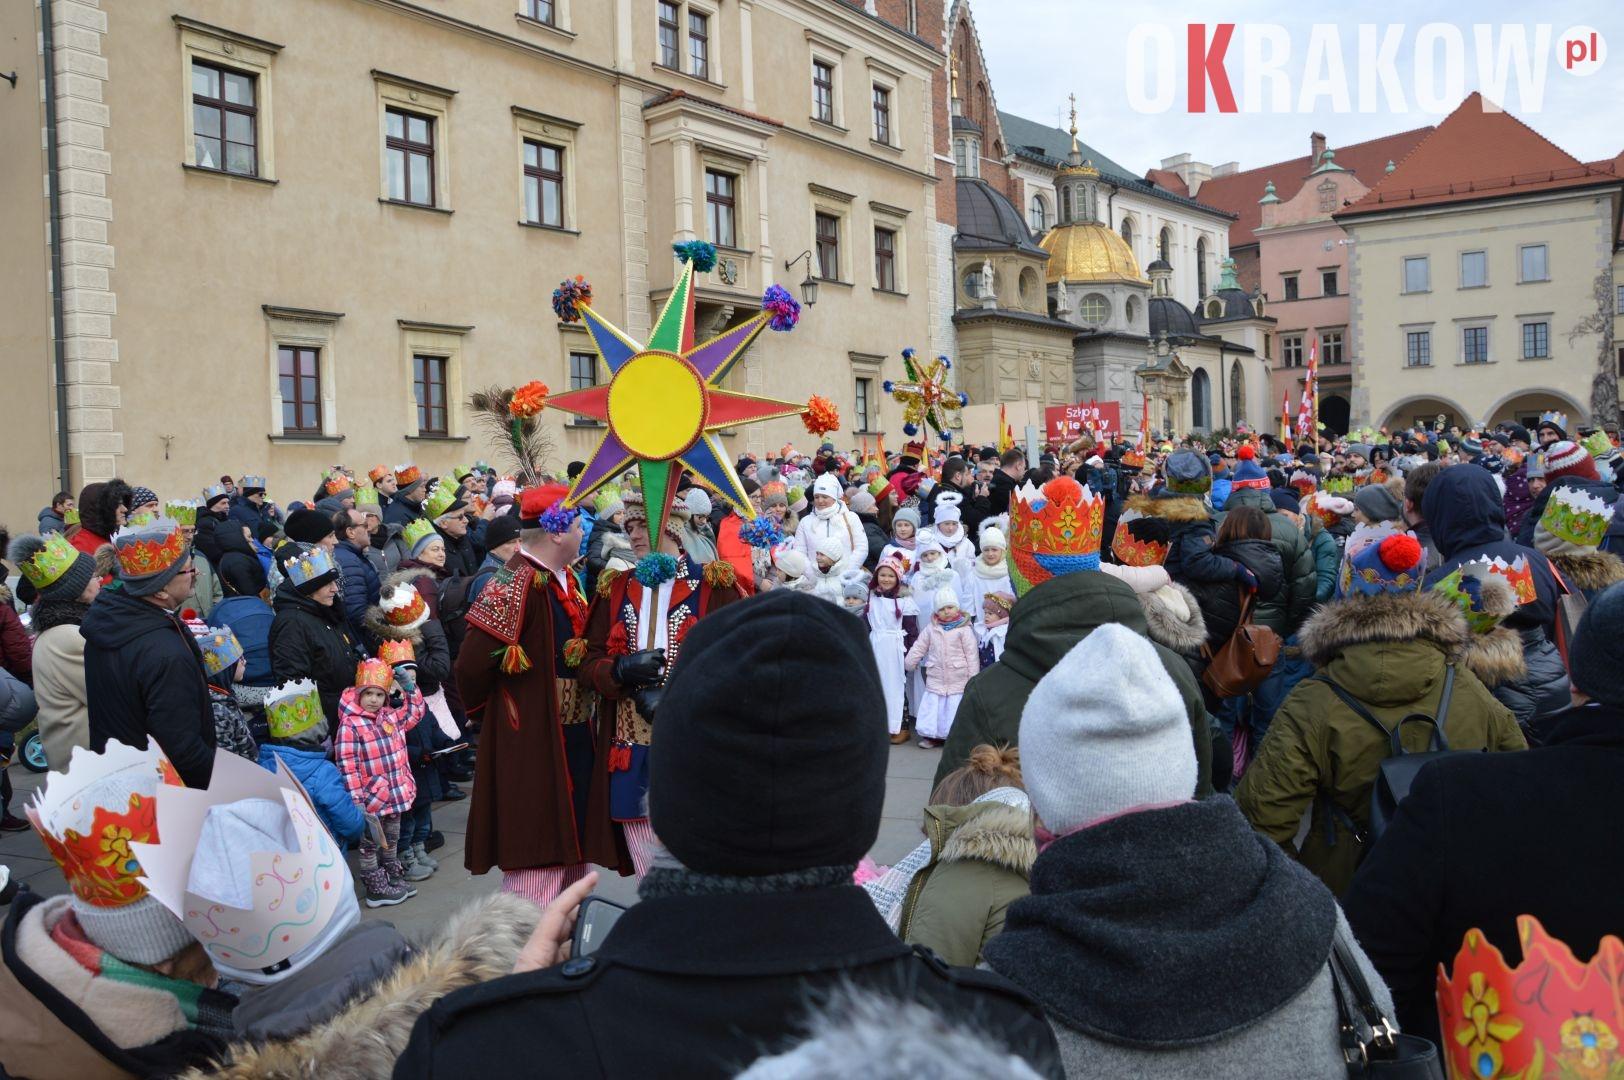 orszak 10 1 150x150 - Orszak Trzech Króli Kraków 2020 Galeria Zdjęć z Orszaku (czerwonego)